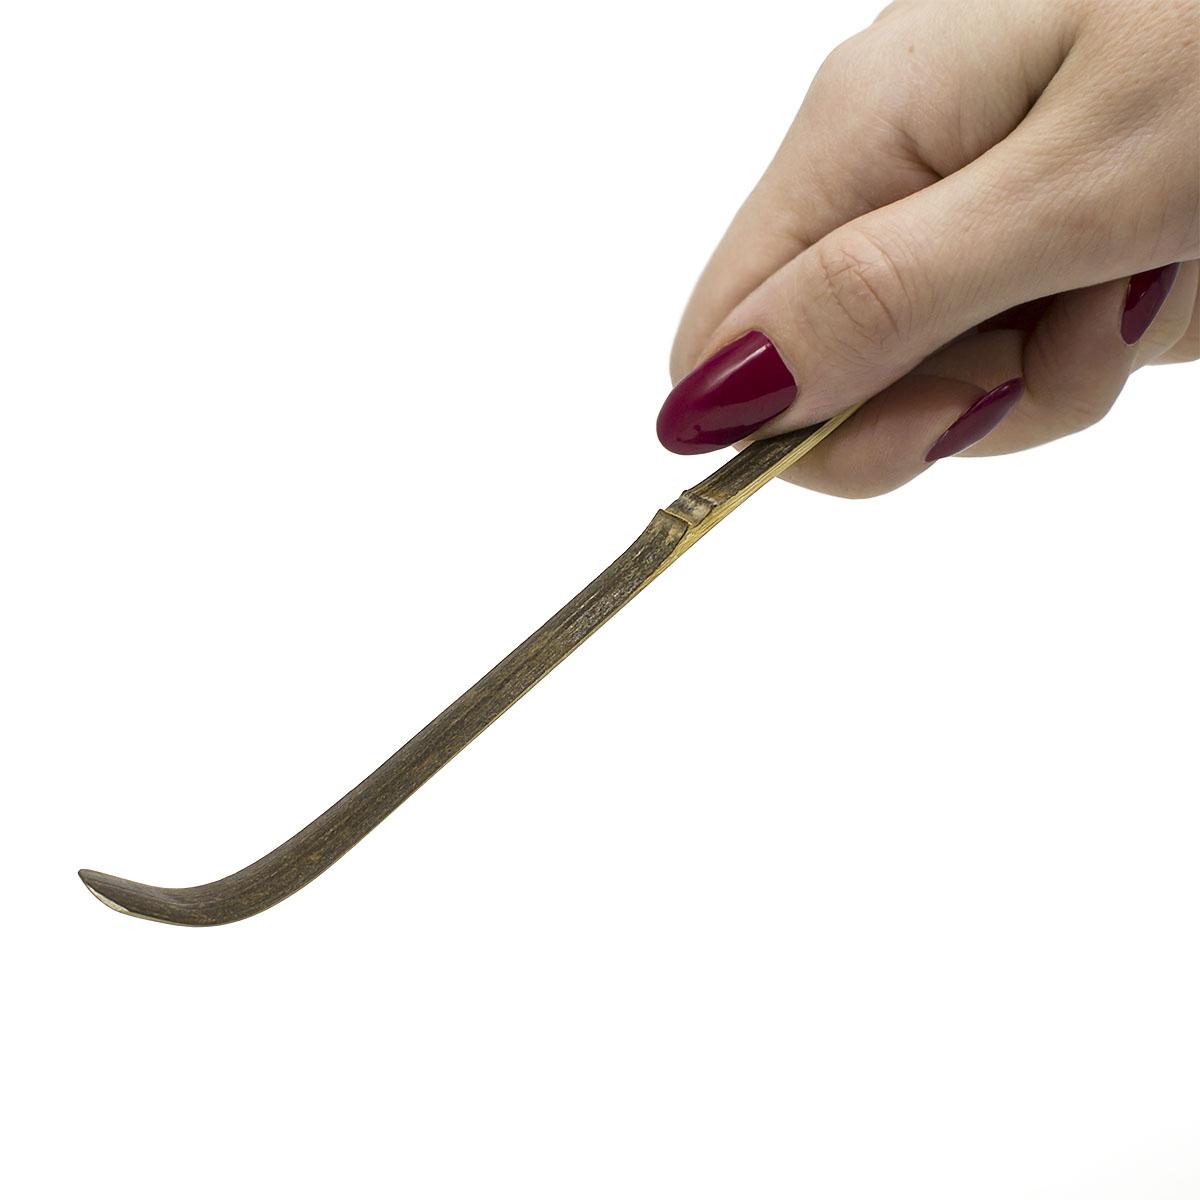 Мерная ложка для Матча (темный бамбук) чоп raho белый бамбук часенов матча венчиком